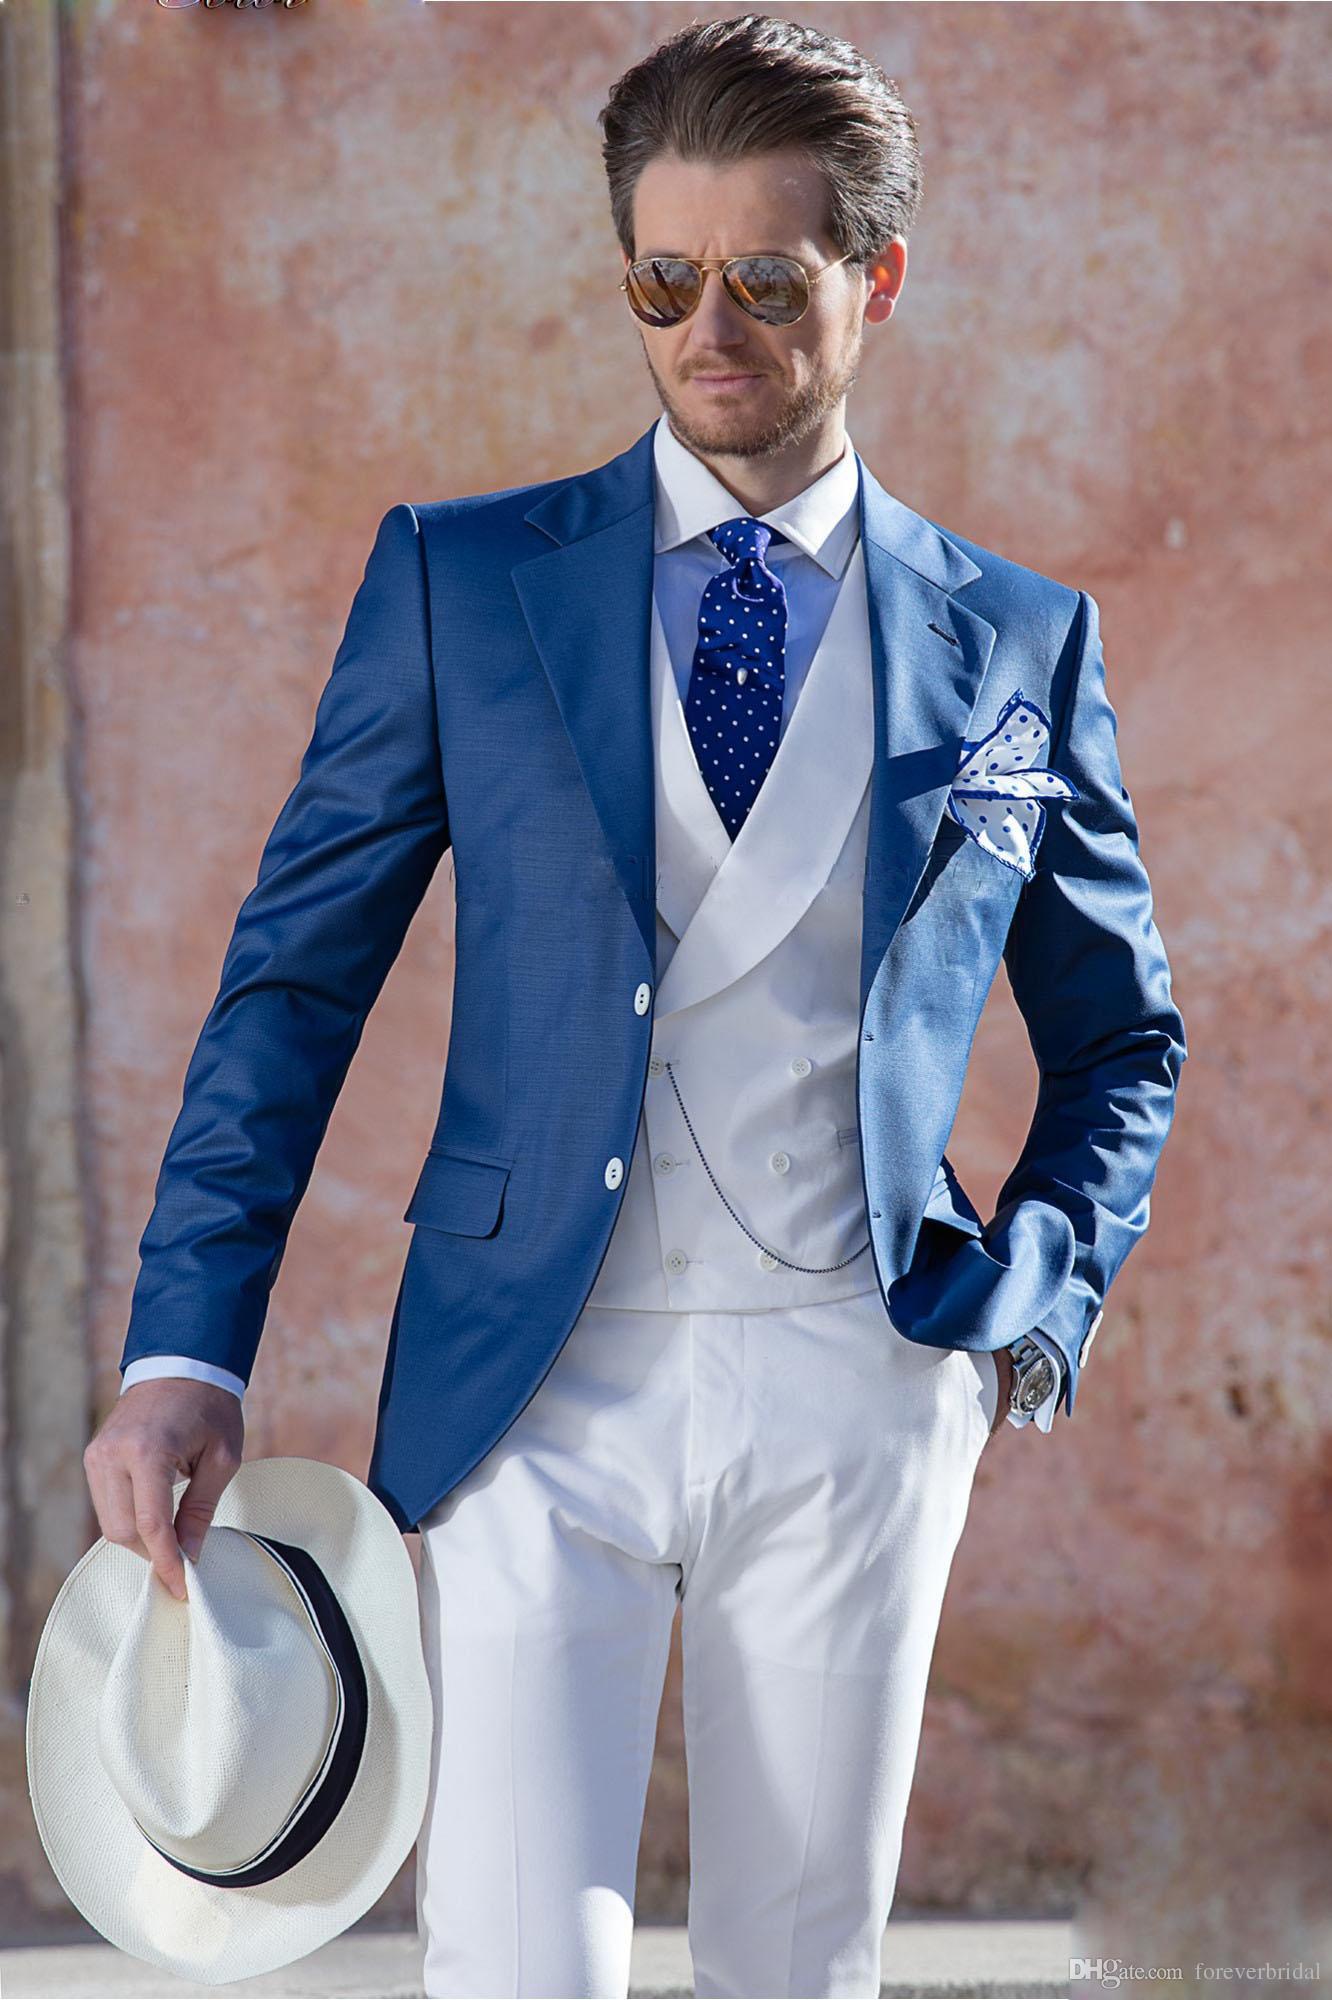 Blazer Mens stile classico One Button Royal Blue Polyseter Materiale 1Pc per borsa Opp One giacca per la caduta, buona qualità Blazer per matrimoni